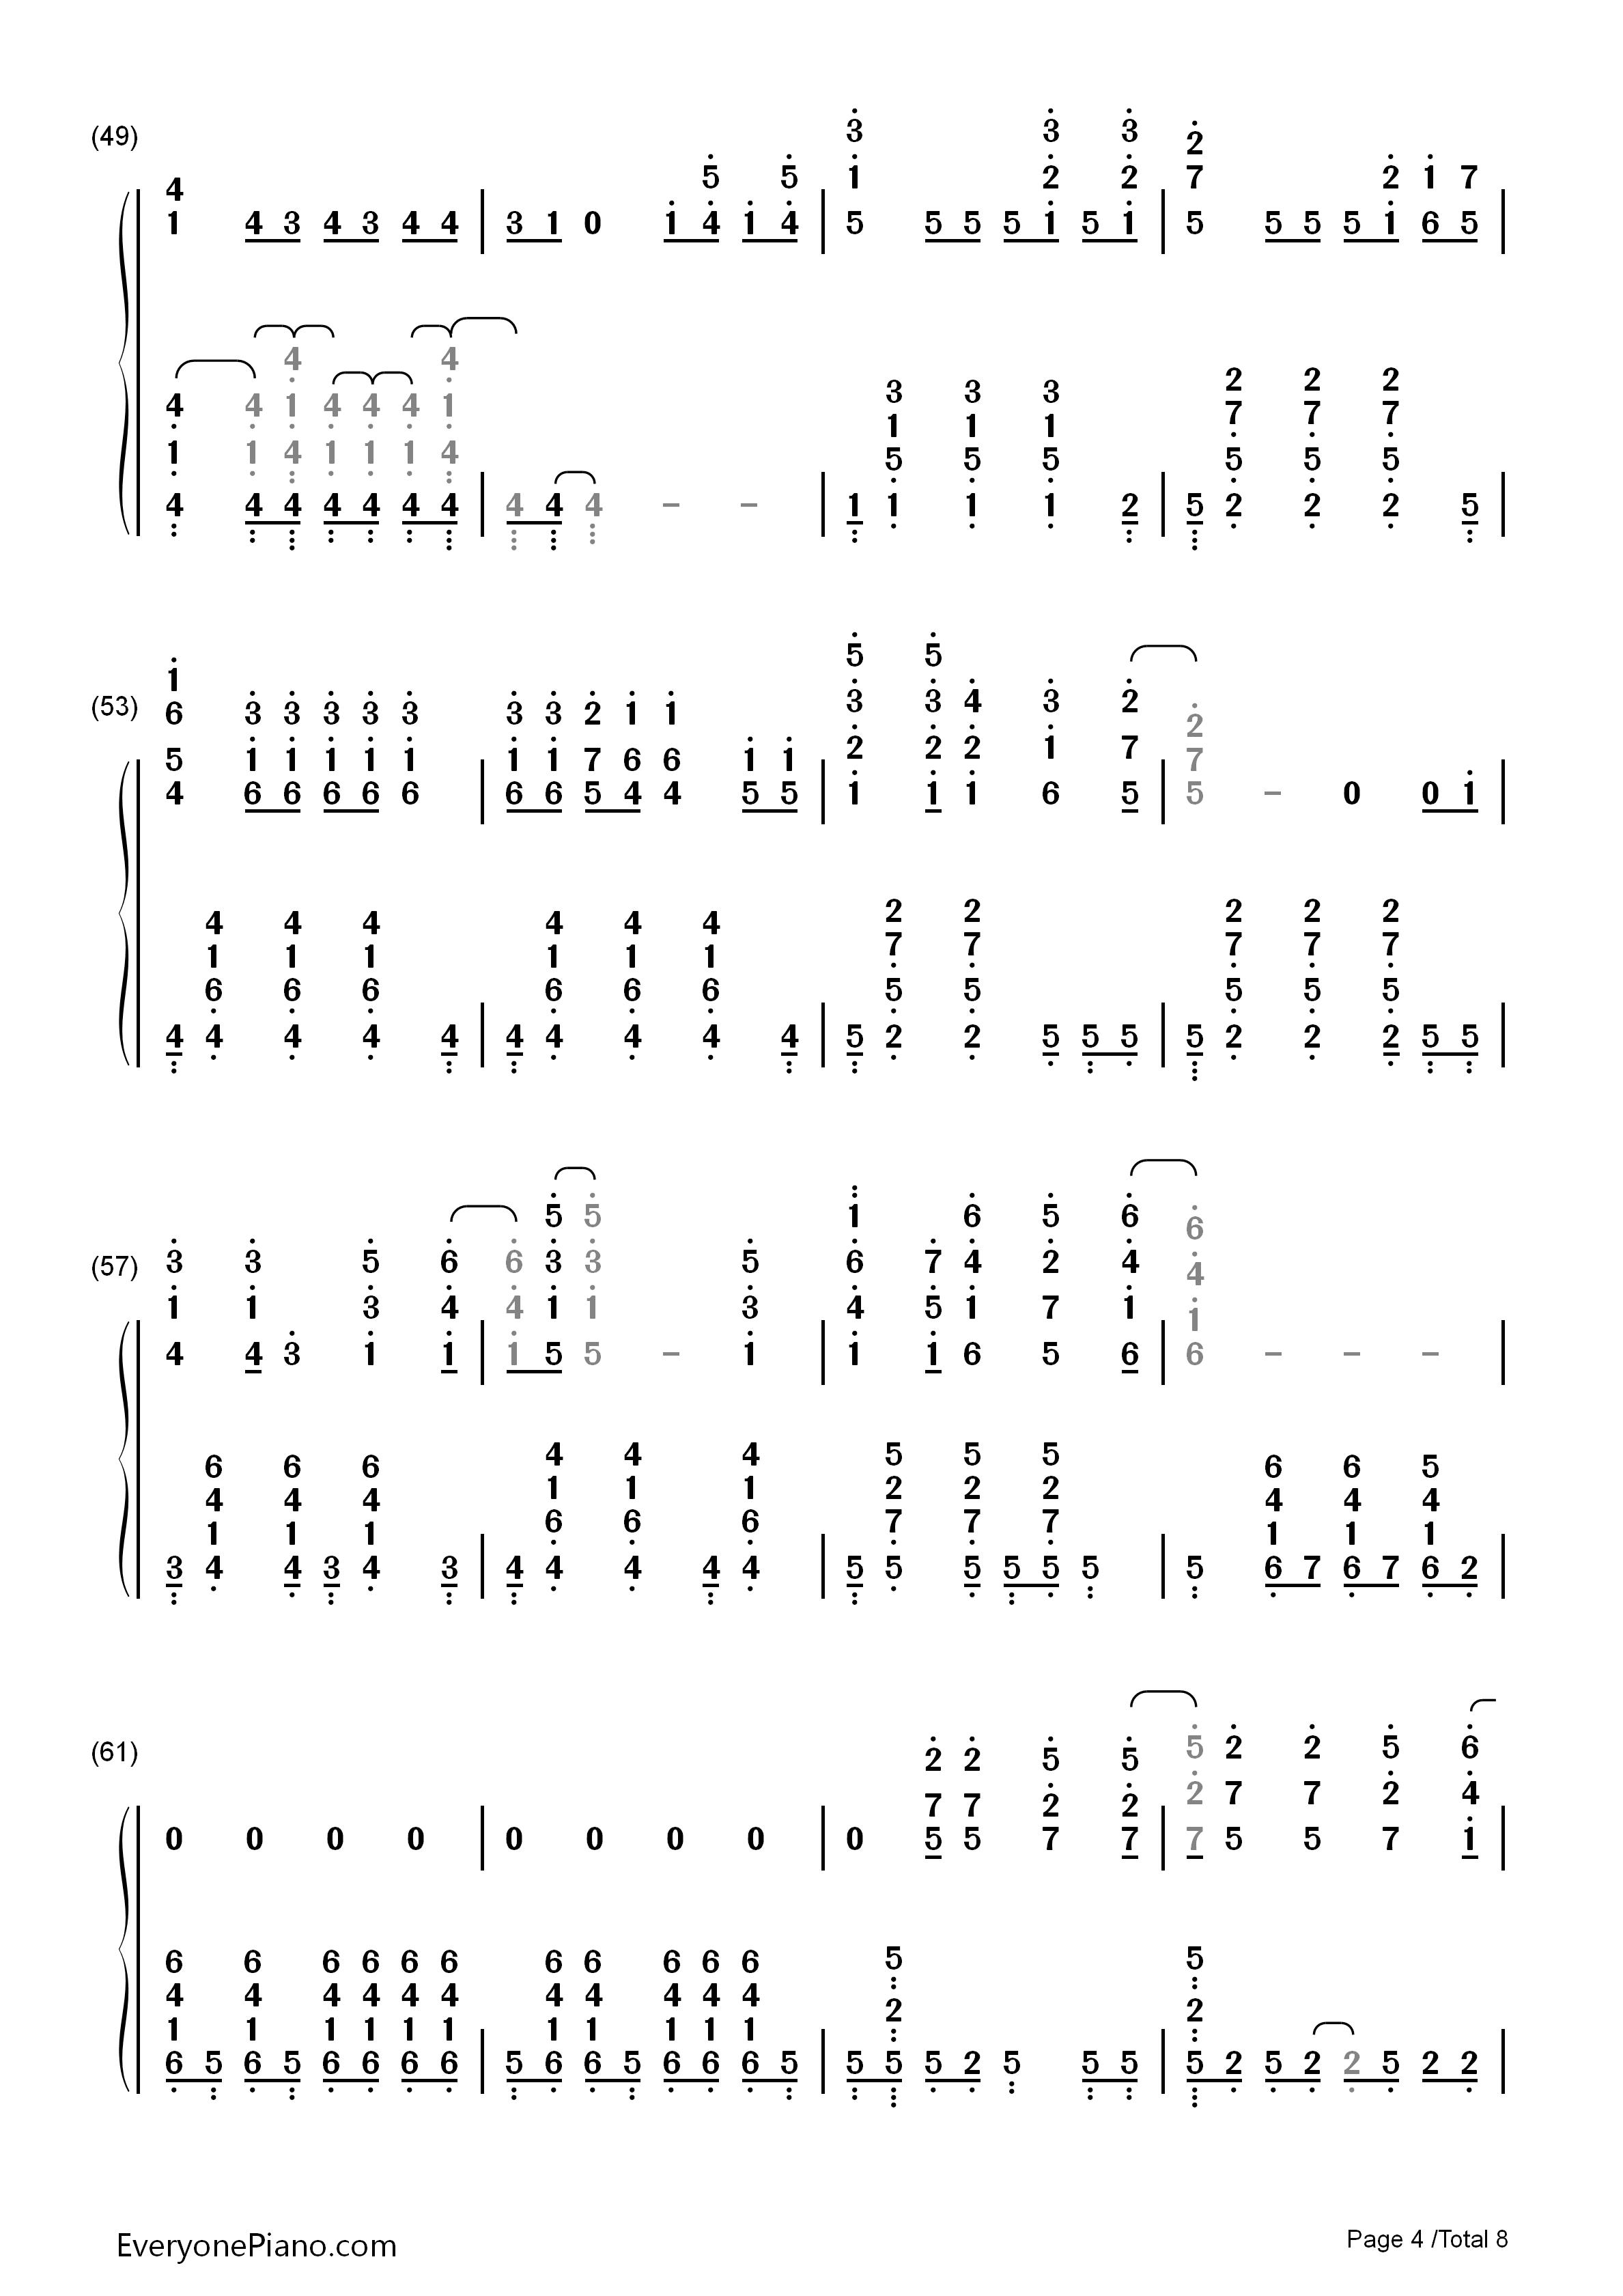 钢琴曲谱 影视 let it go完整版-动画冰雪奇缘主题曲 let it go完整版